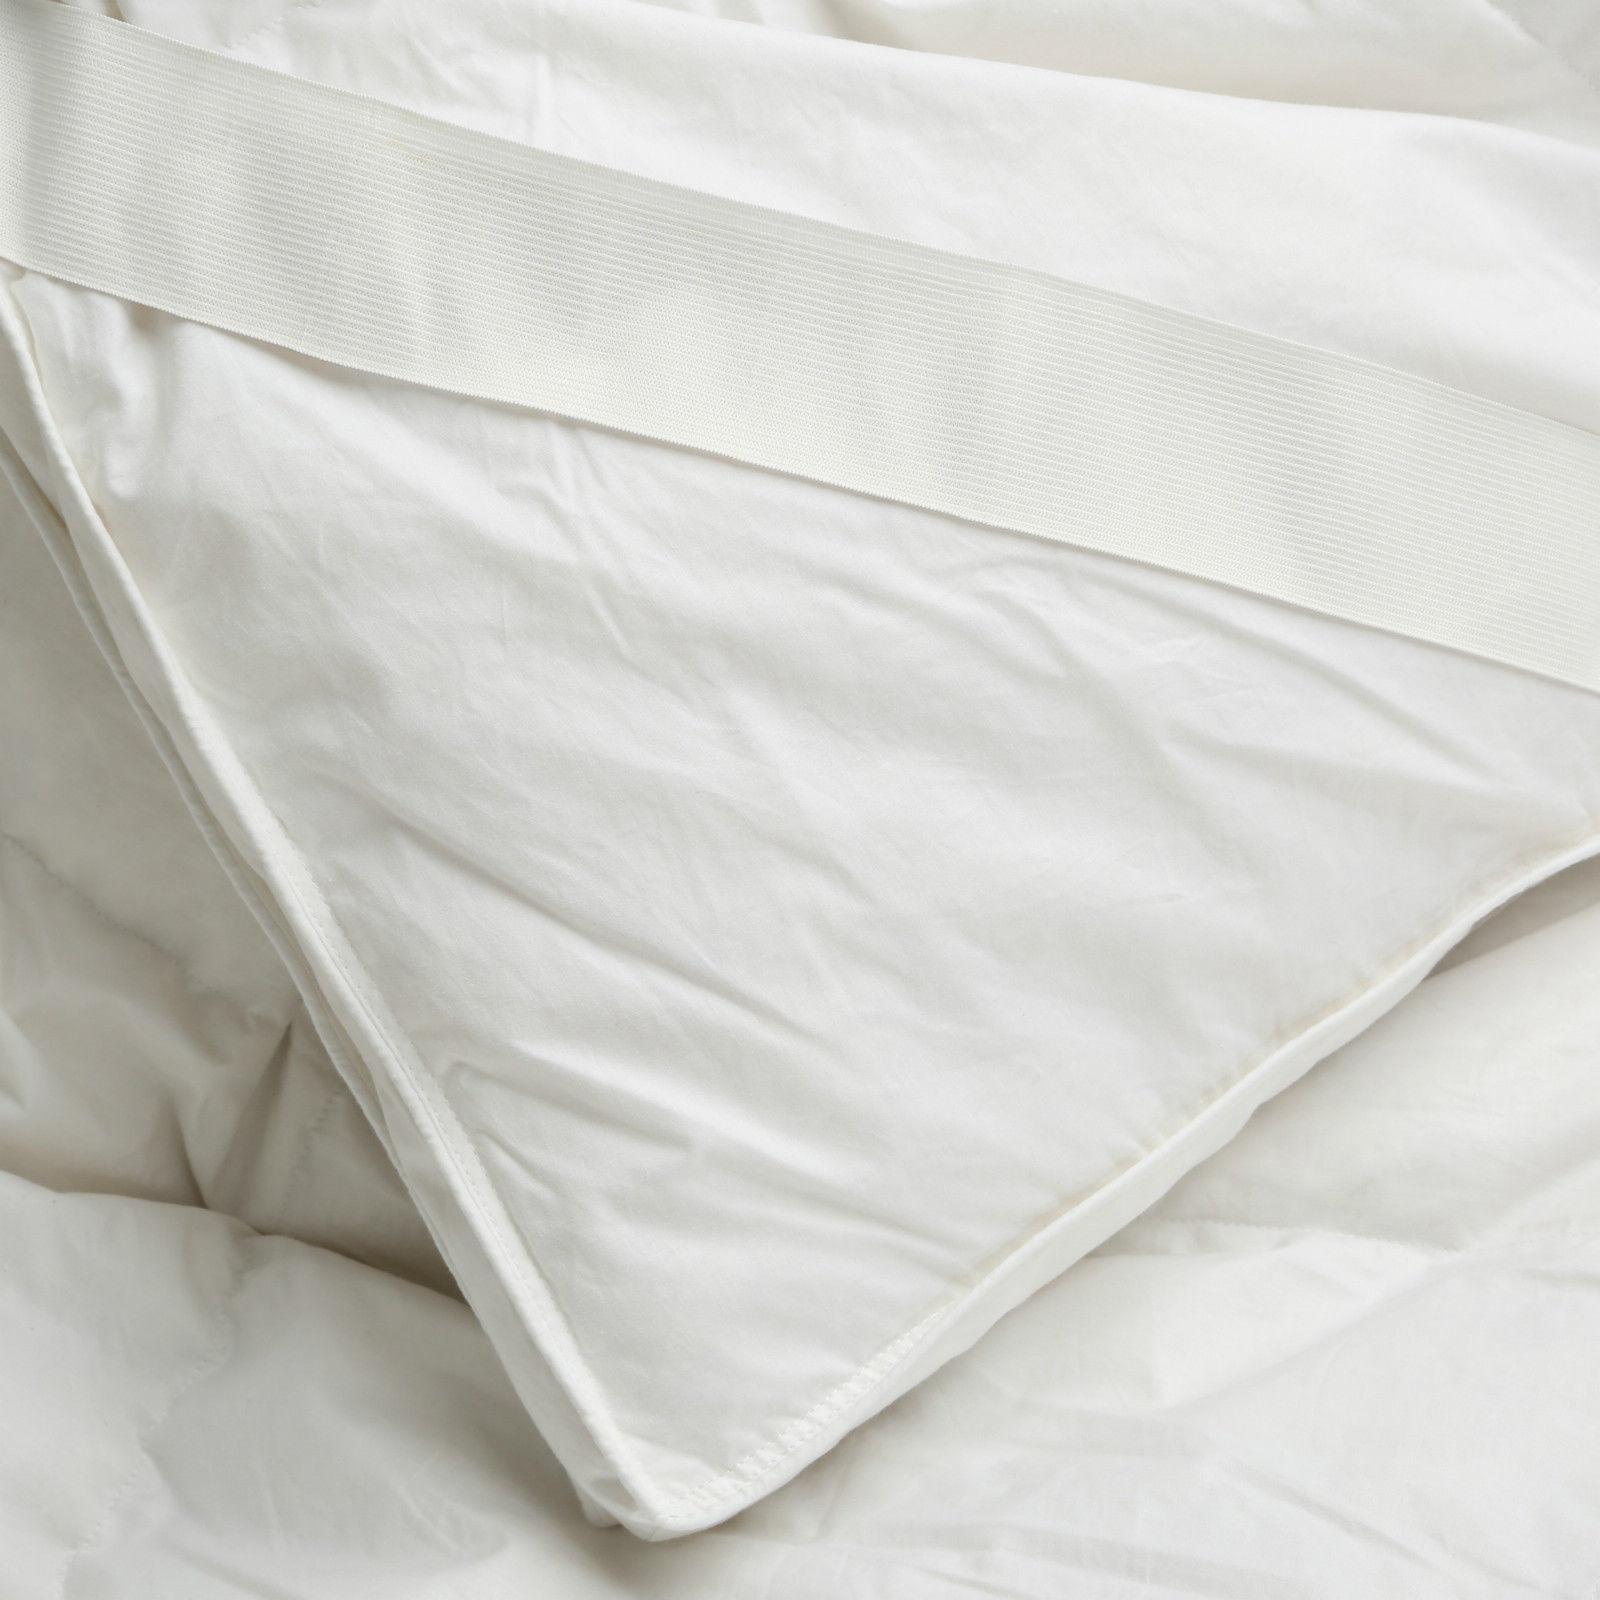 Kensington Kensington Kensington Luxury Pure Merino Wool Mattress Topper Bed Enhancer Woolmark 700g 65e81c